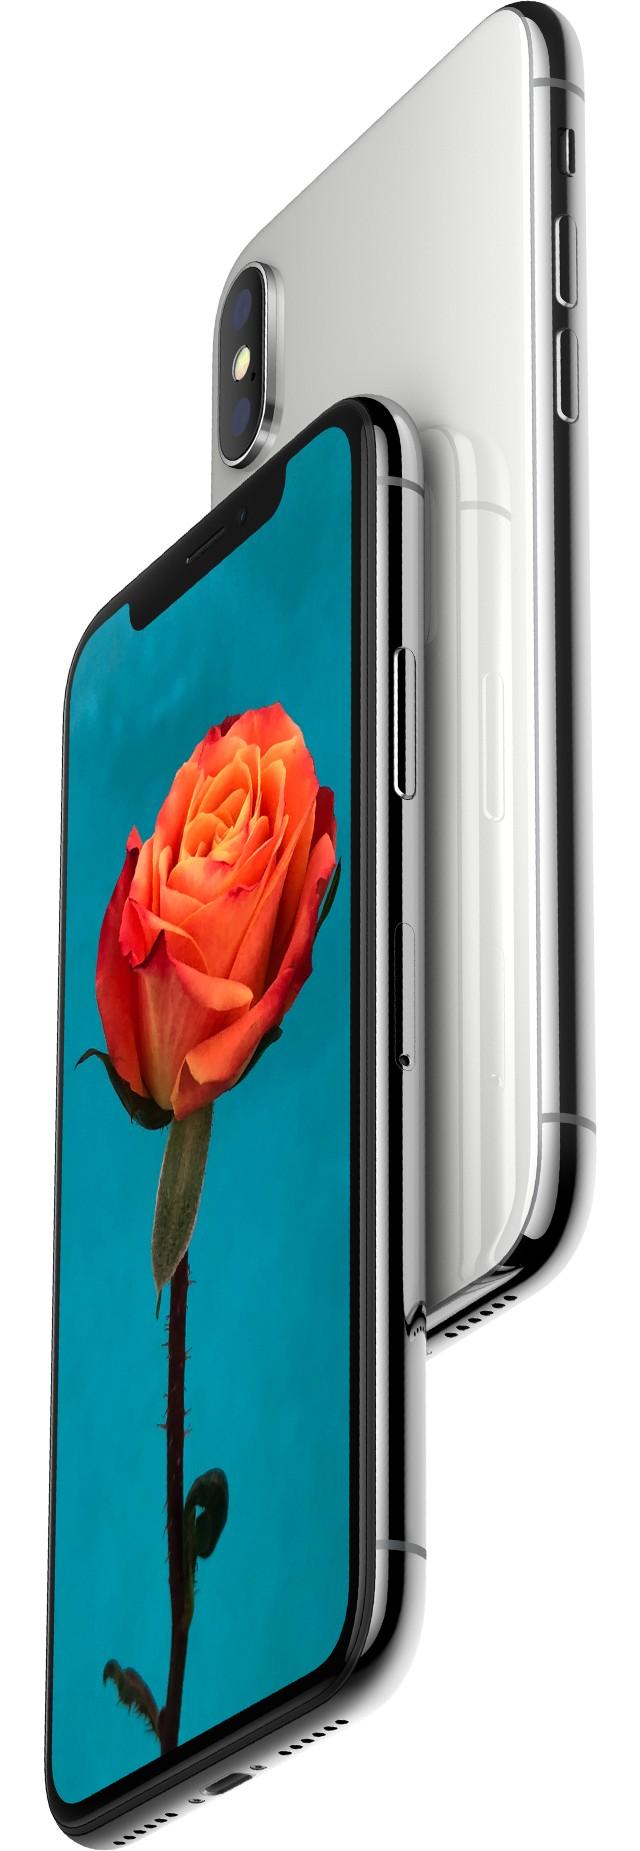 iPhone X シルバーの画面にオレンジ色のバラの花びらが1枚1枚くっきりと、茎の棘も1つ1つコントラストがはっきりと写っている画像